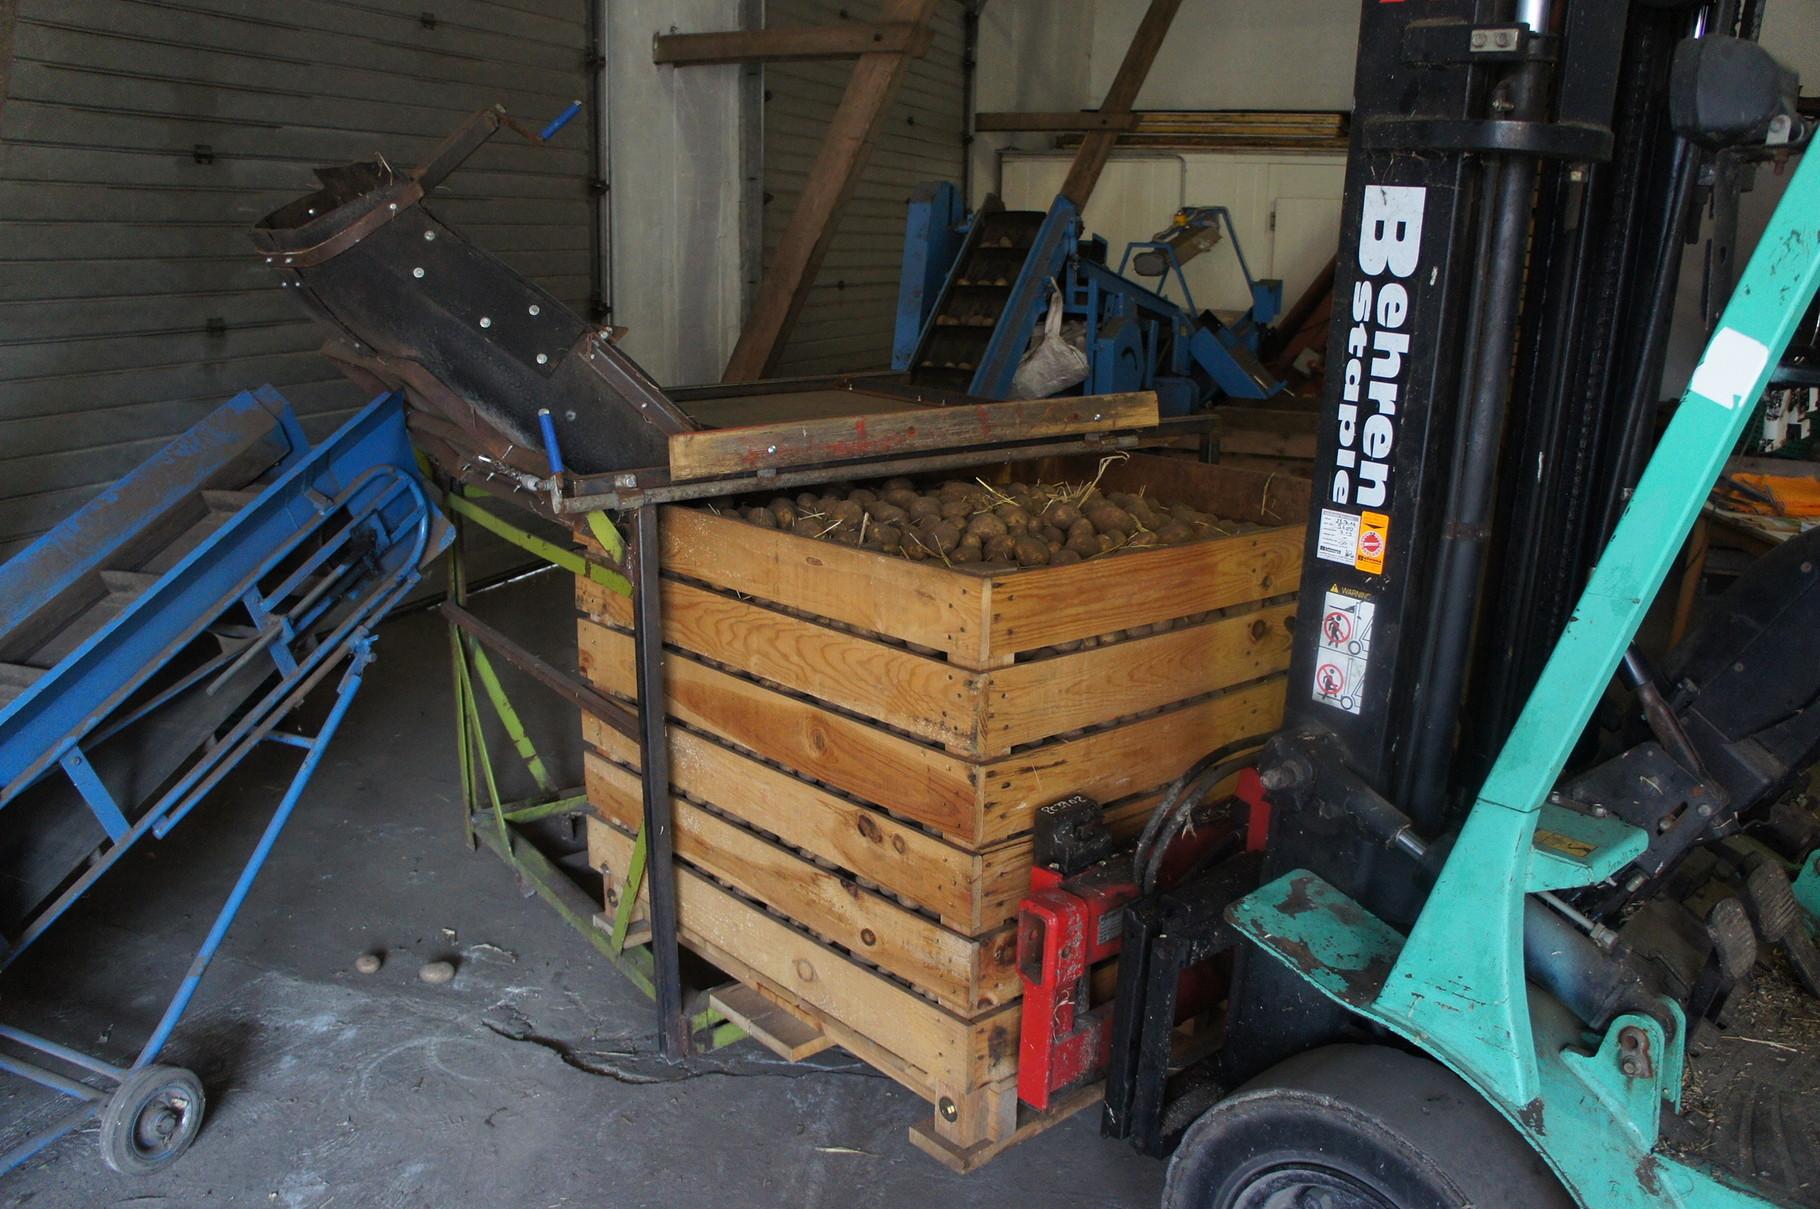 So gelangen die Kartoffeln von der Kiste zur Sortieranlage. (1)